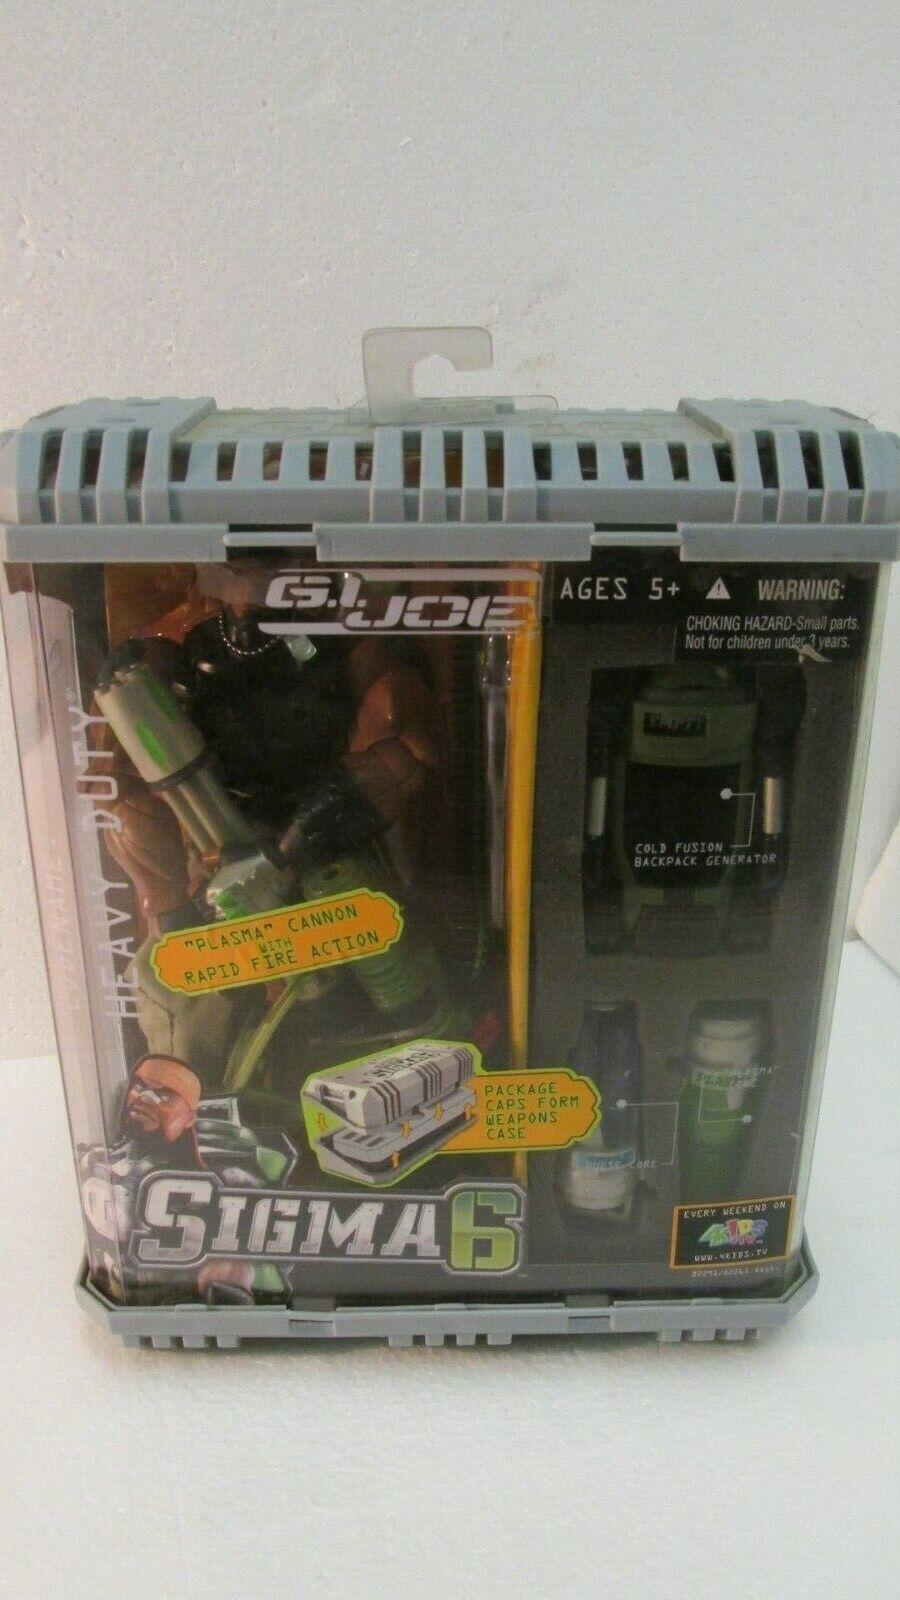 G.I. Joe Sigma 6 Code Name Heavy Duty With Plasma Cannon By Hasbro 2005 nuovo t307